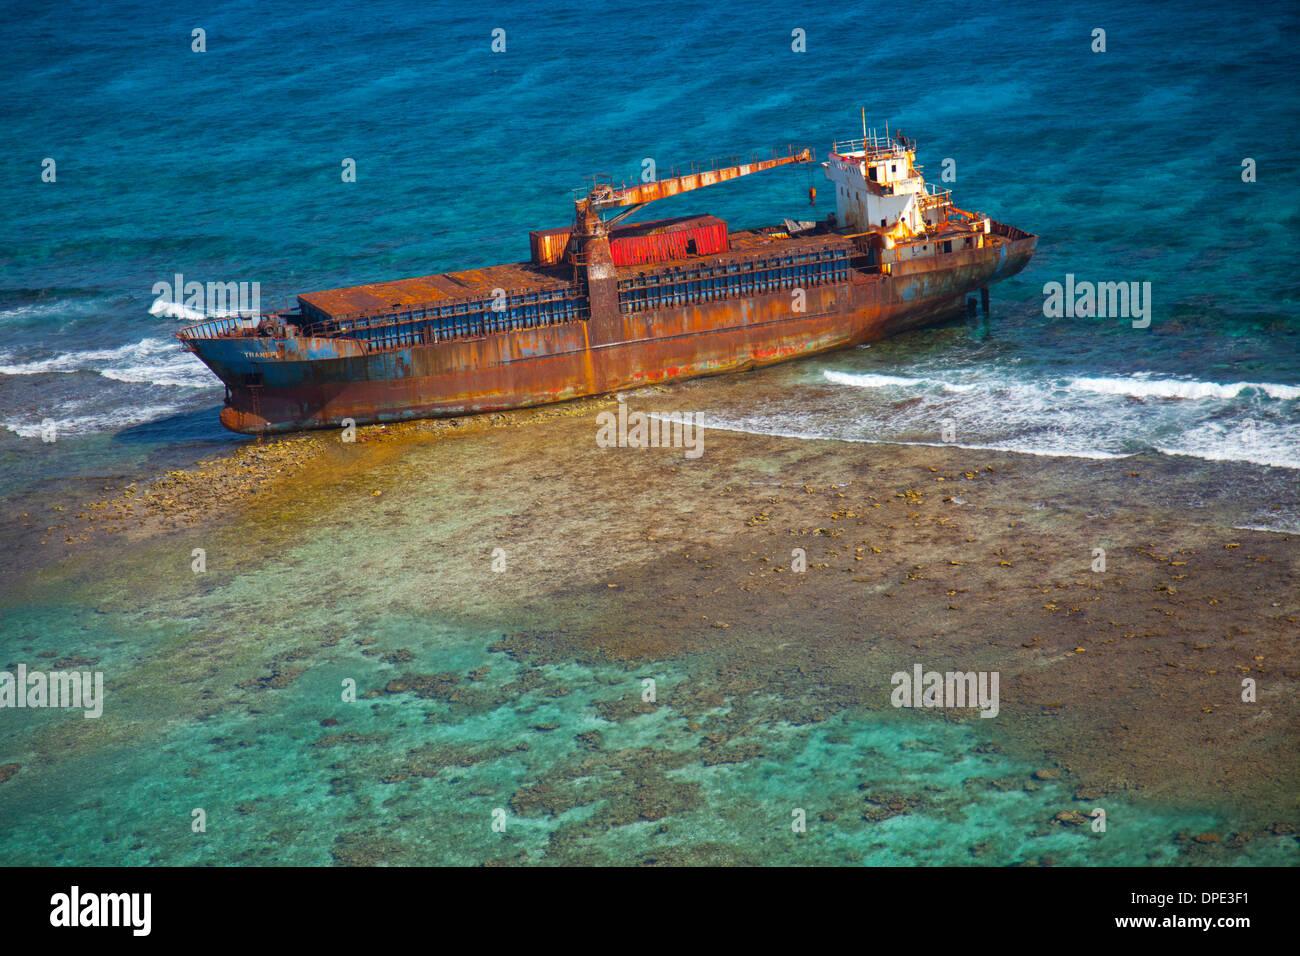 Schiffbruch am Riff Belize Karibik Meso amerikanischen Reef Reserve Lighthouse Reef Atoll größte Riff in der westlichen Hemisphäre Stockbild